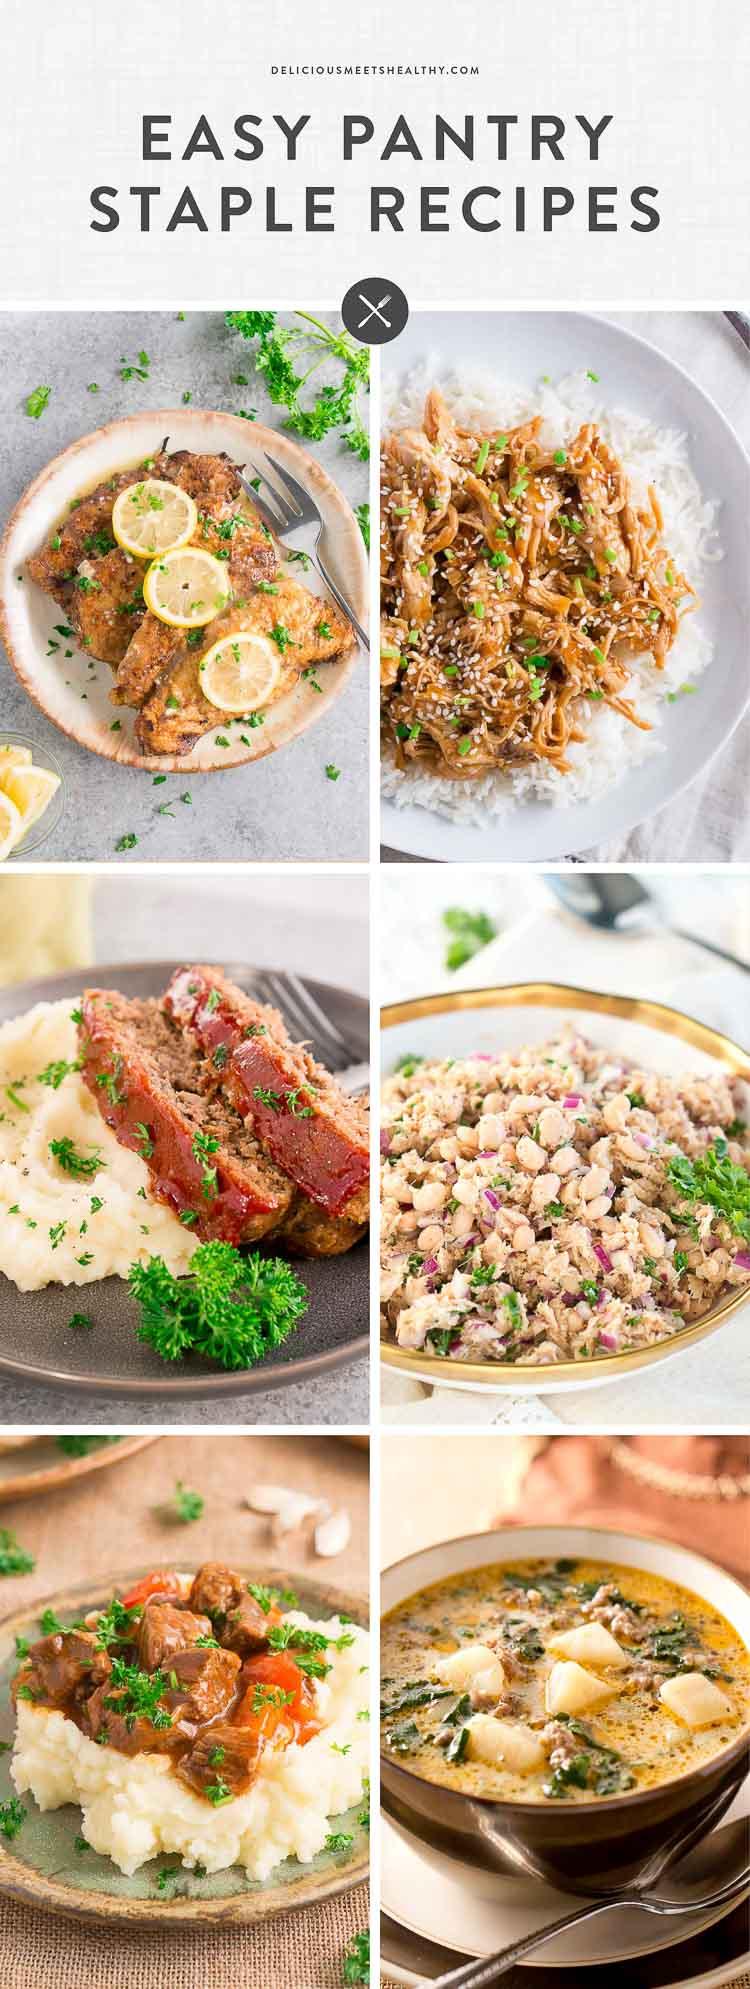 Dinner ideas - family dinner recipes